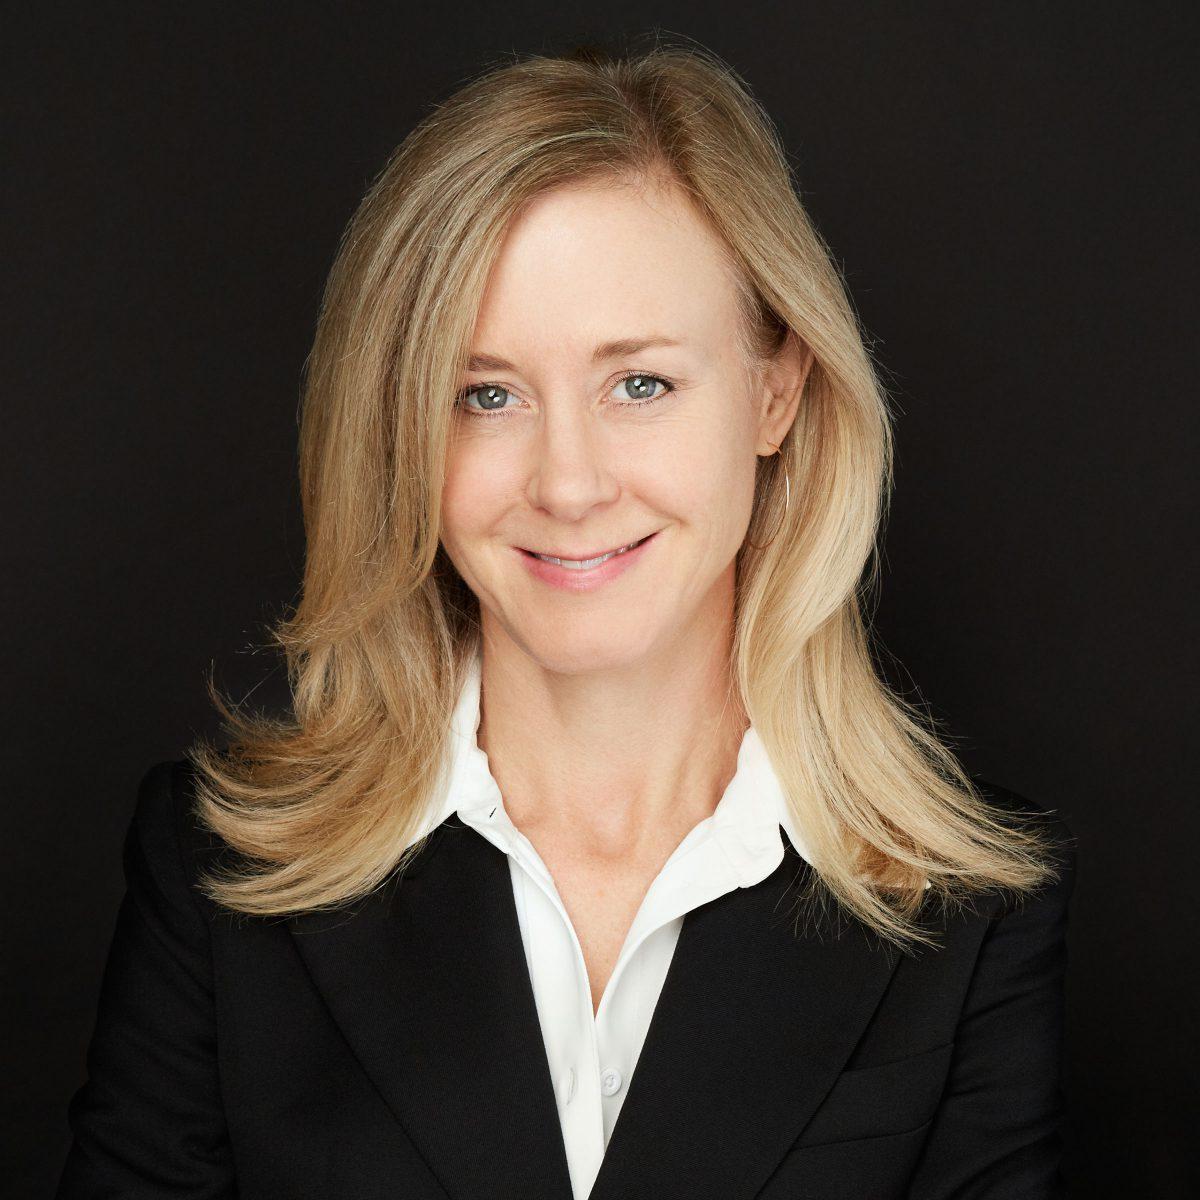 Karen Gosbee